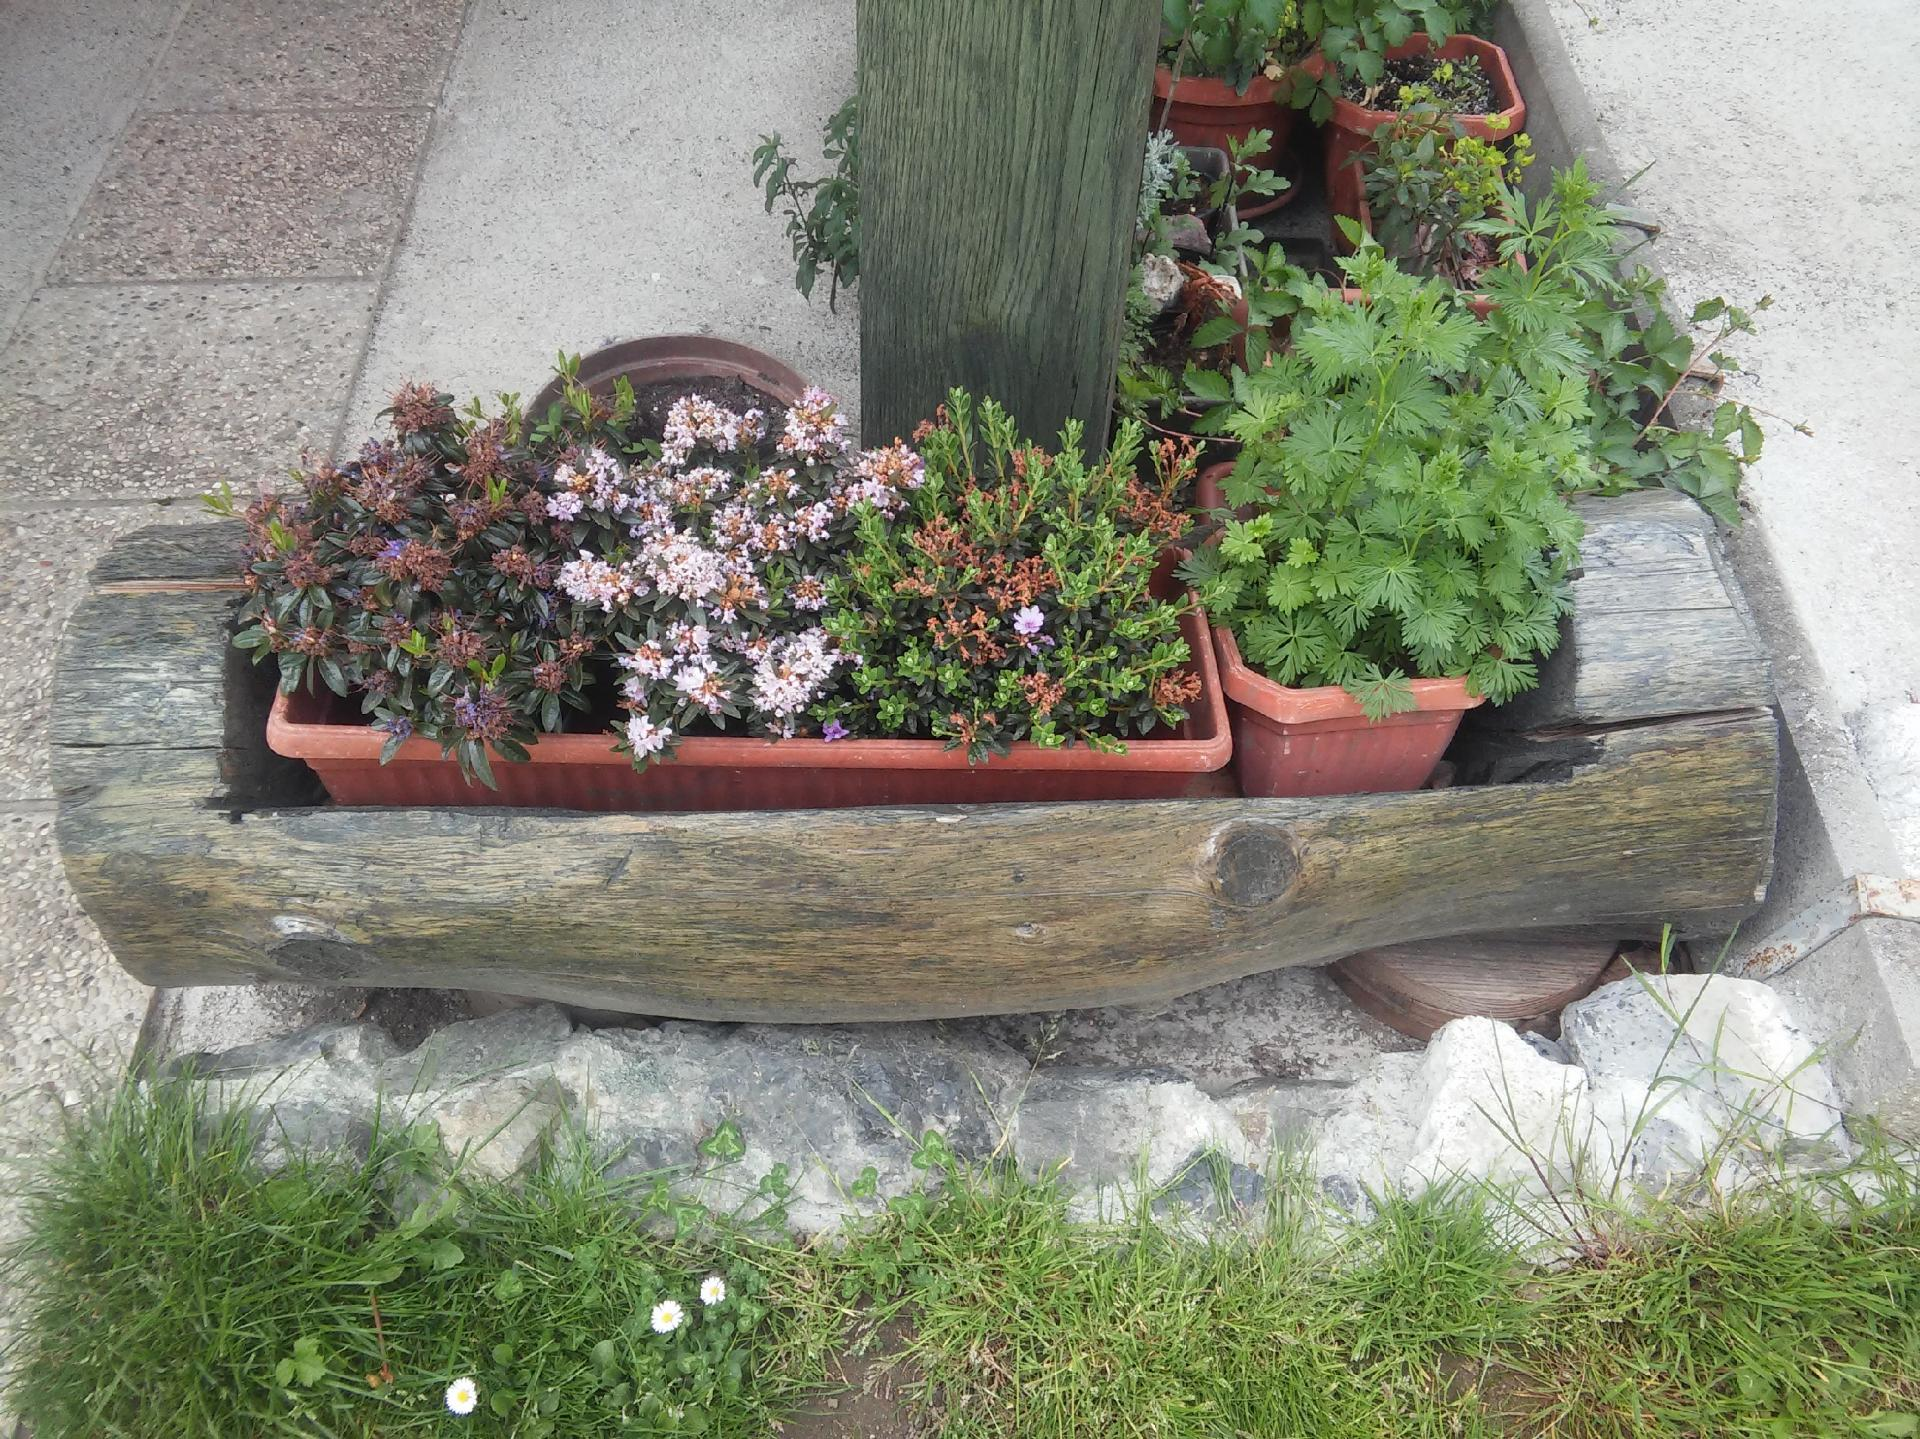 cvetlična korita, kompostnik in nosilec za kole